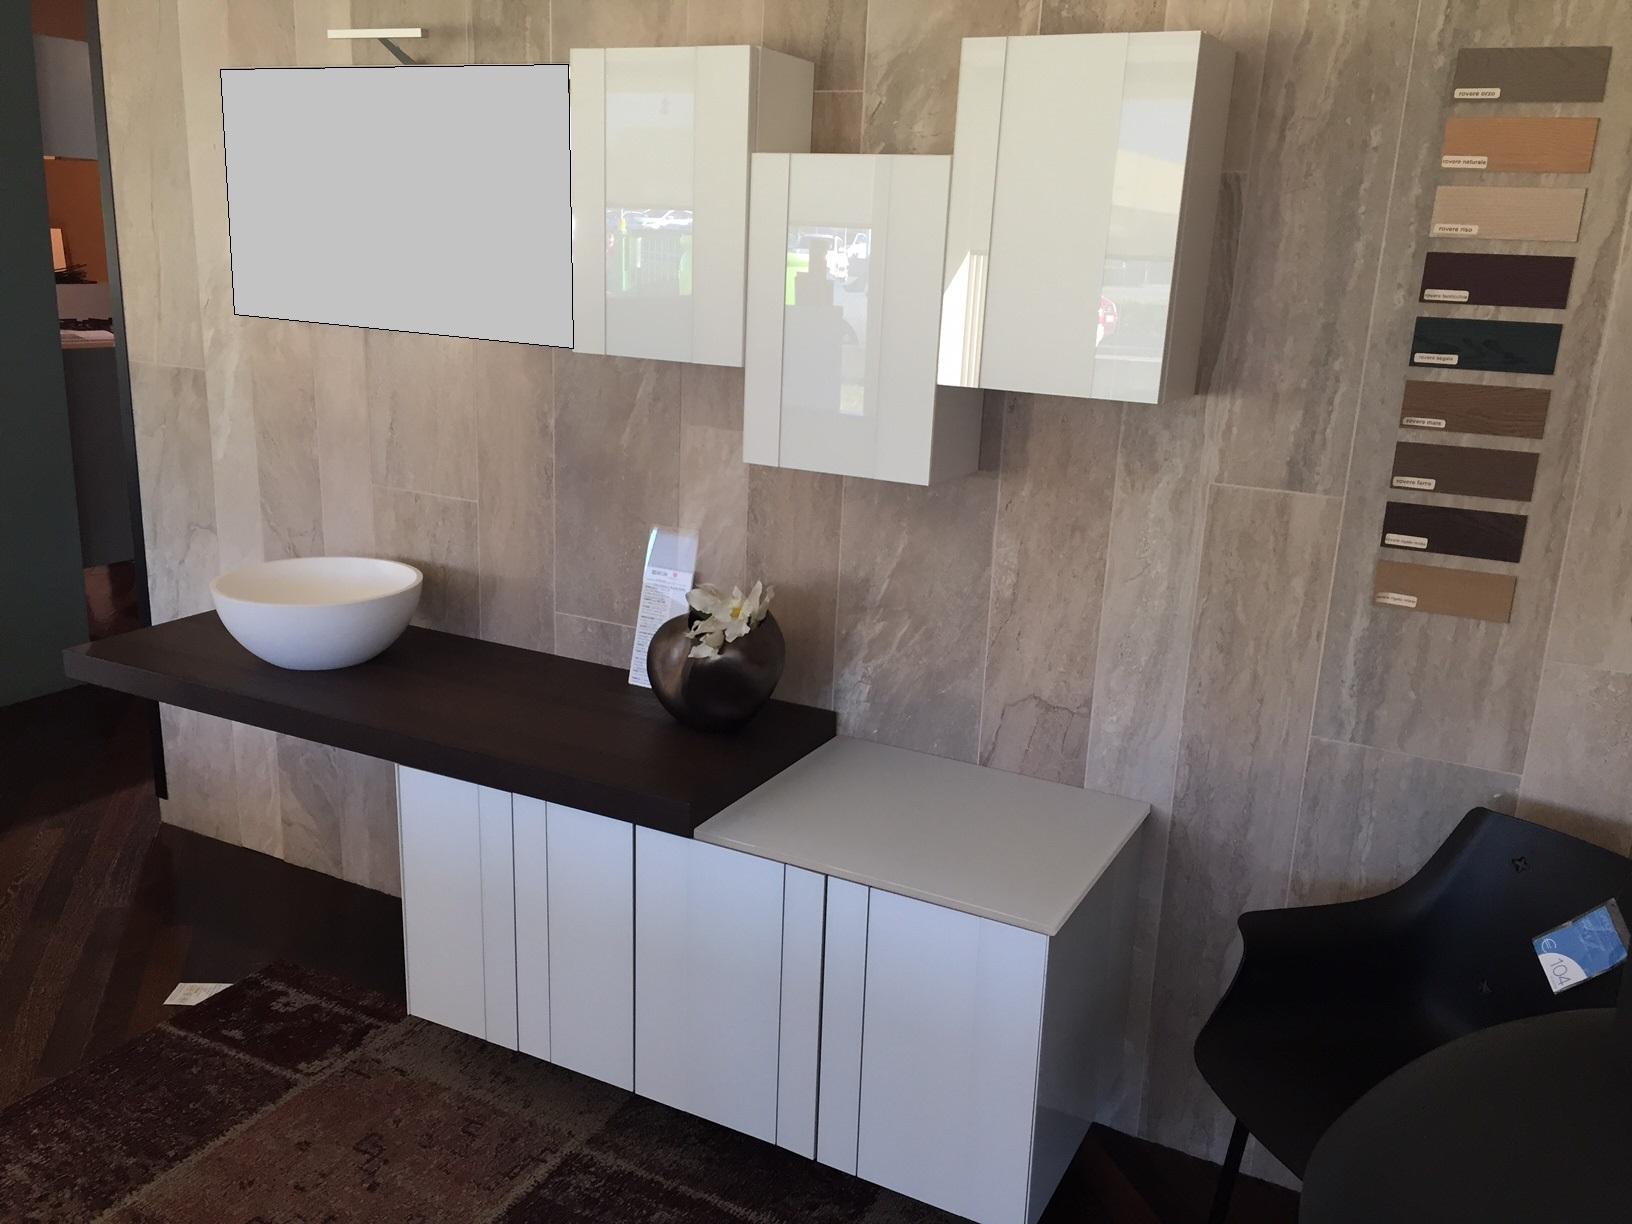 Composizione design arcom spring vetro bianco e rovere moka lavabo da appoggio in resina sconto - Mobilbagno ozzano ...